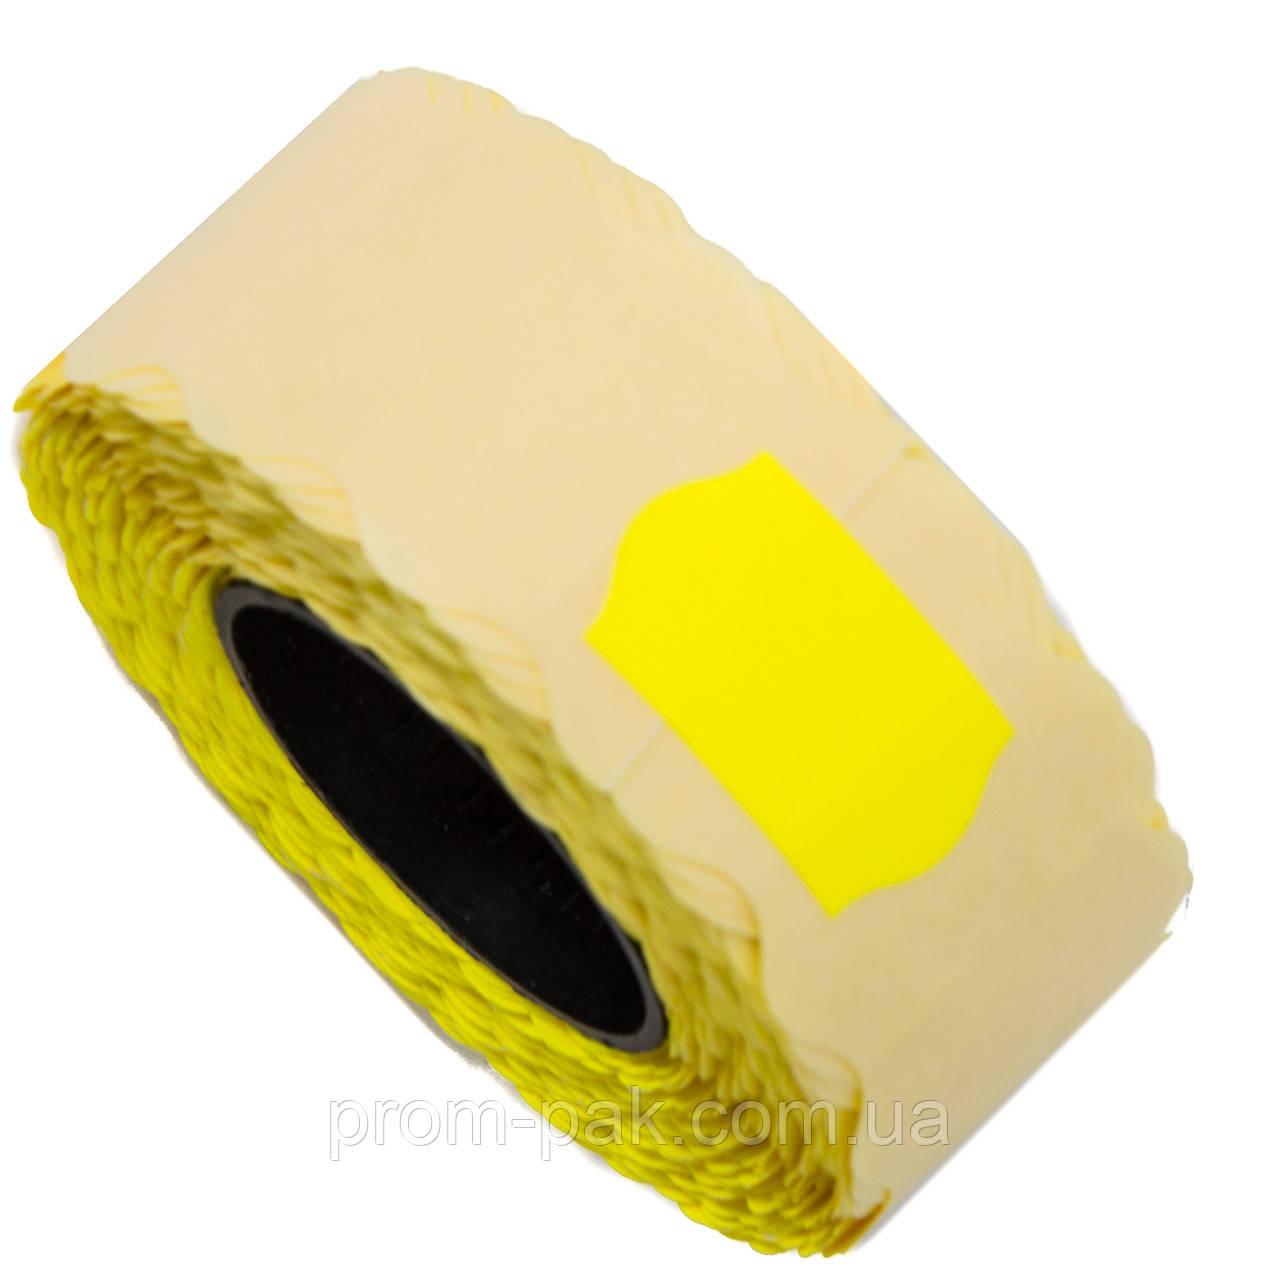 Ценник (лента) 22х12(1000) фигурный, желтый